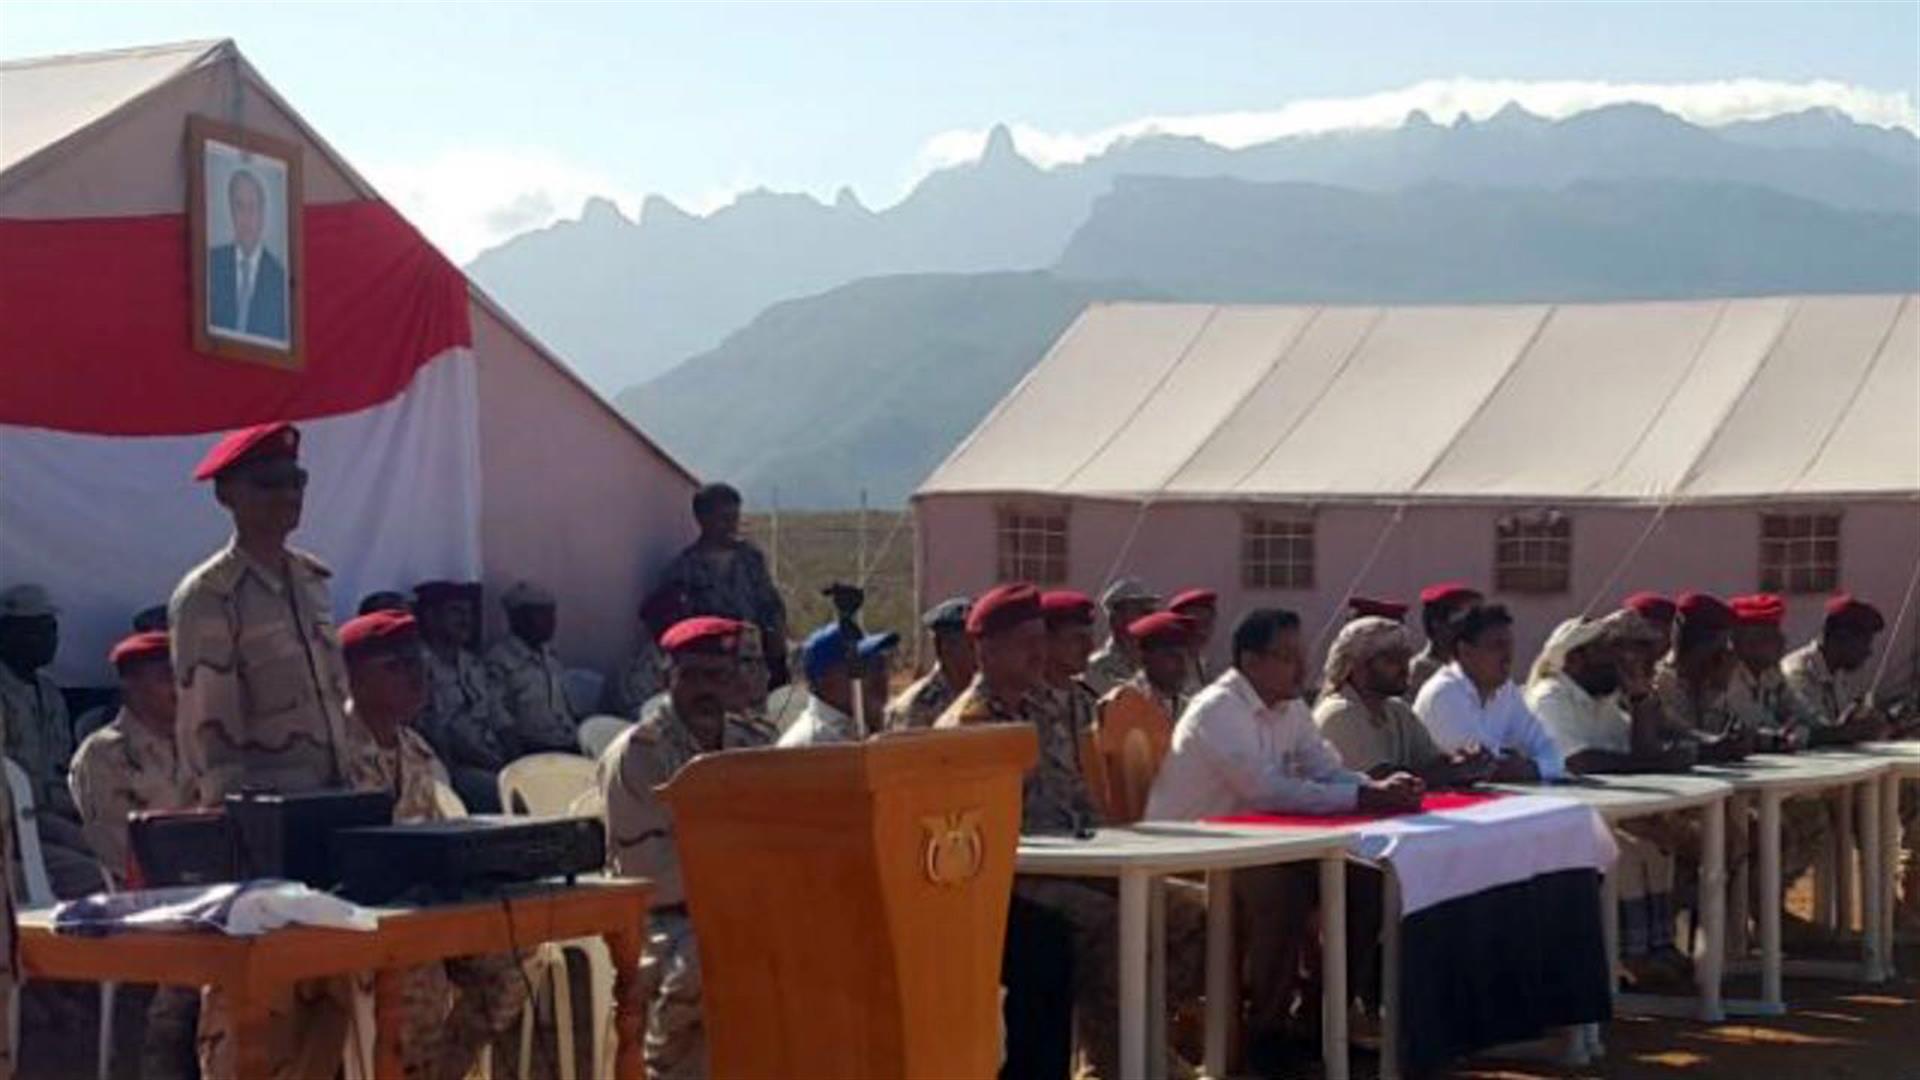 الاحتفال بتخريج دورة عسكرية في جزيرة سوقطرى اليمنية تحت إشراف وتدريب دولة الامارات . 3